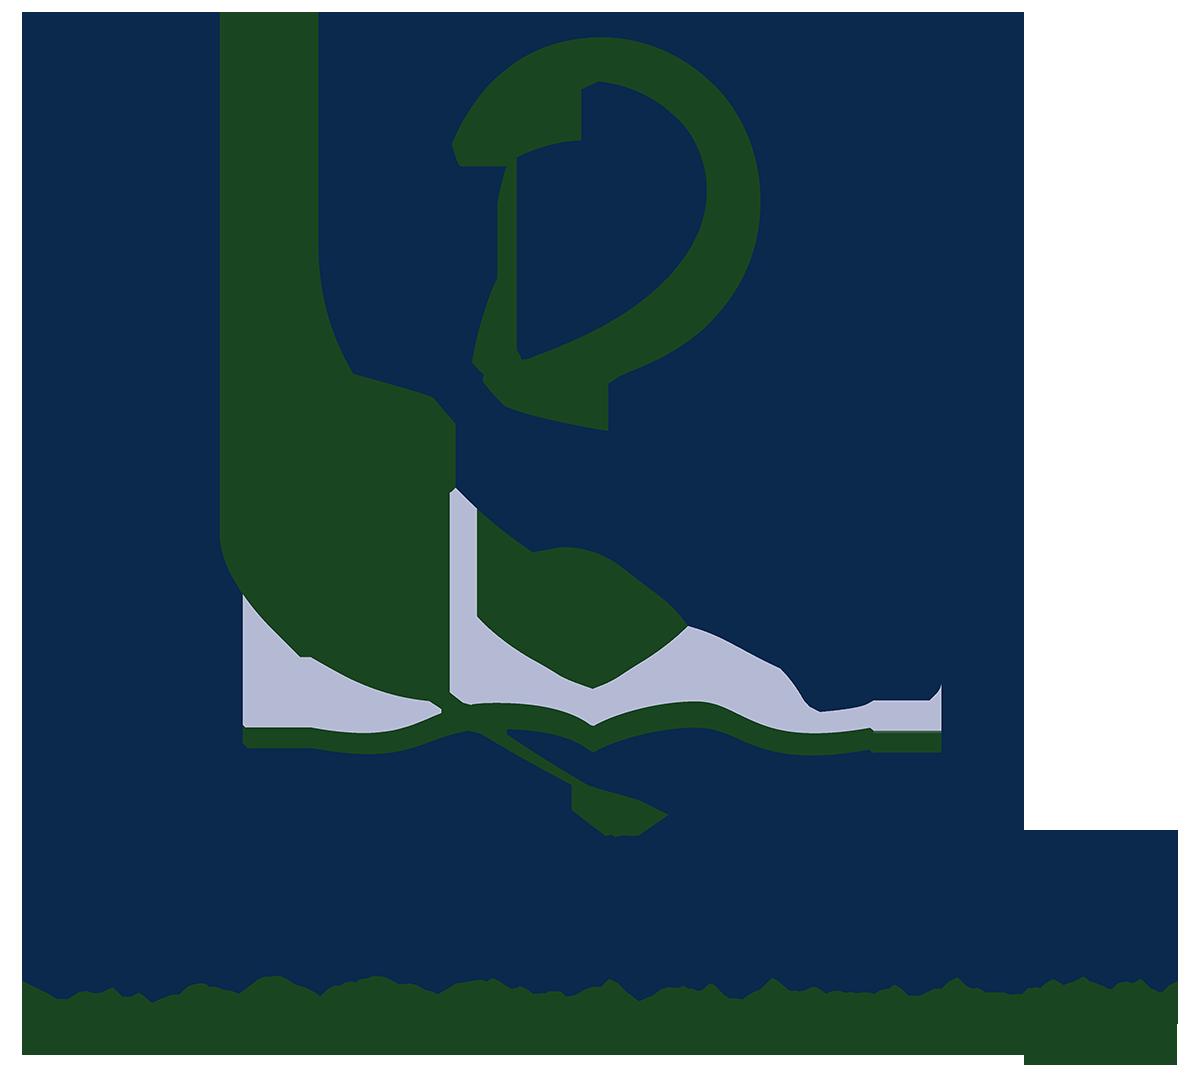 وظائف شاغرة للرجال وللنساء في   جامعة الأميرة نورة